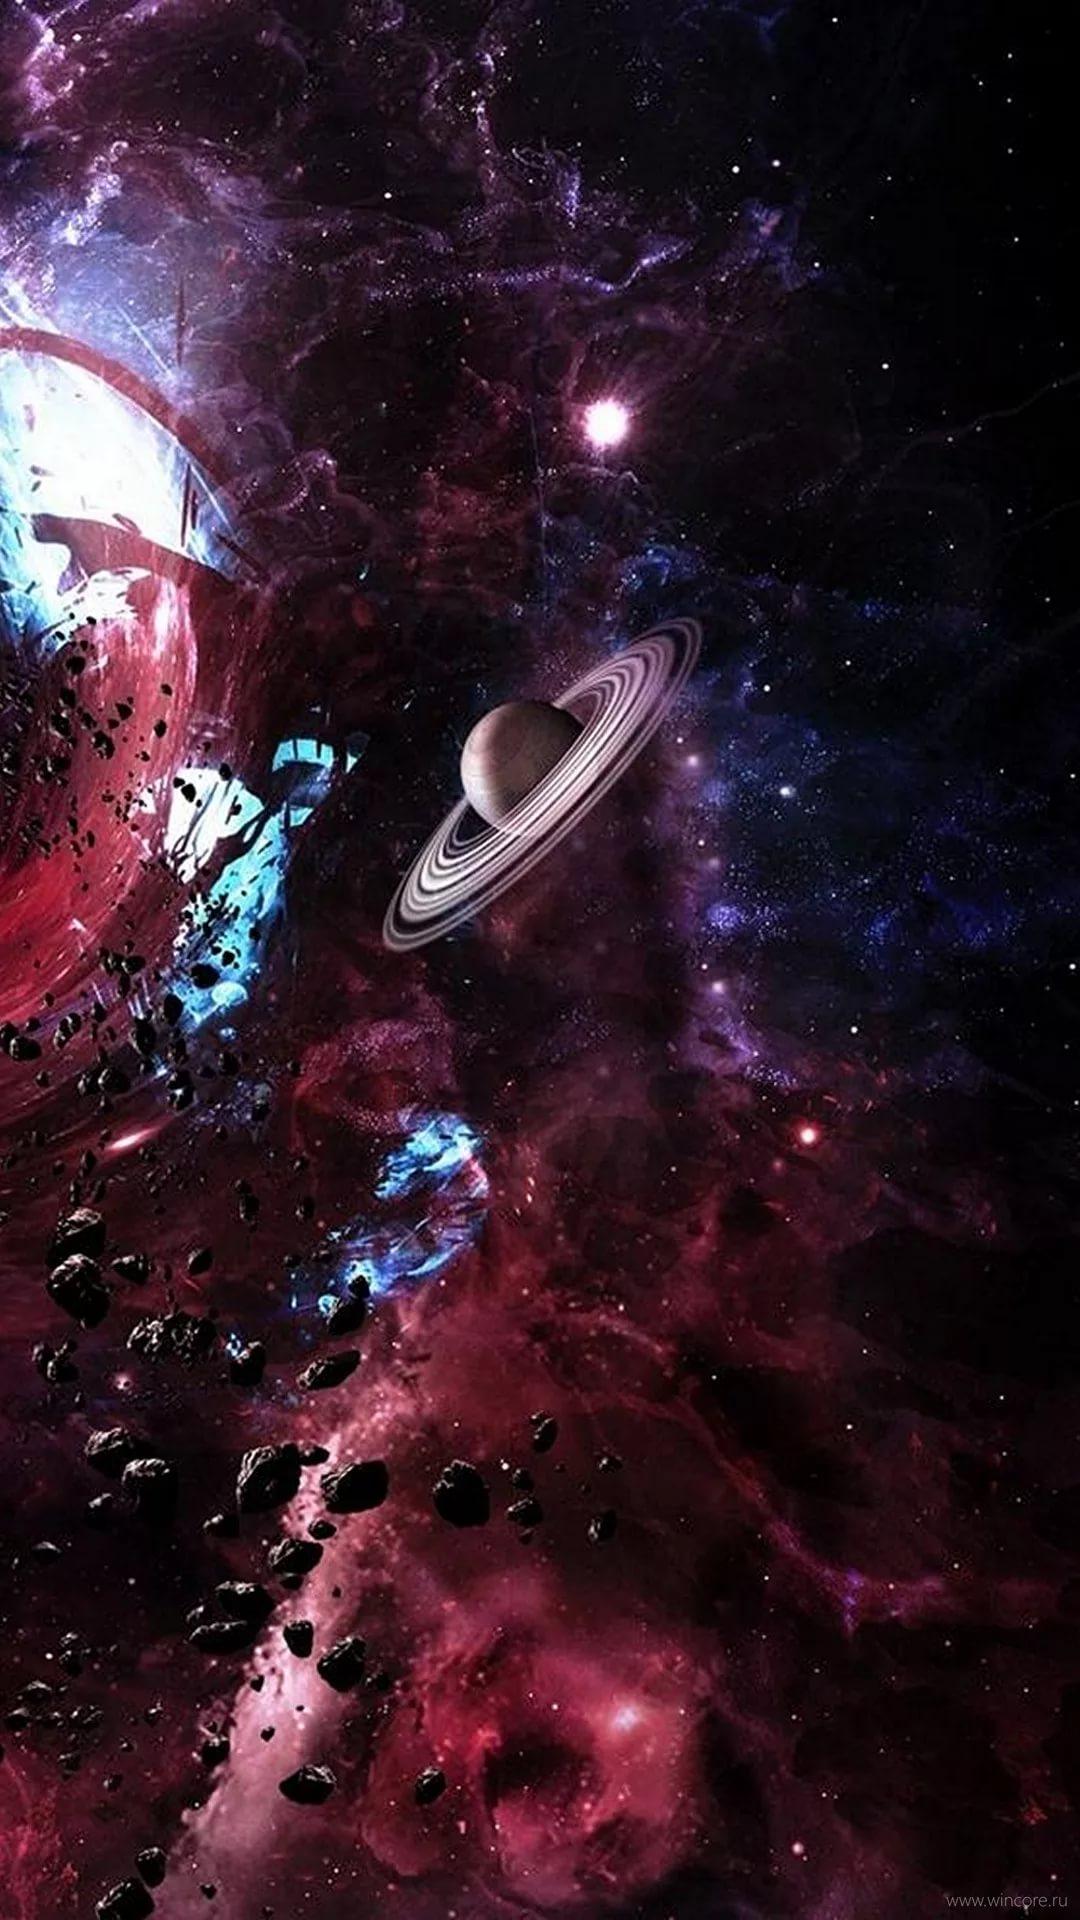 Красивые 4к обои космос на телефон 4